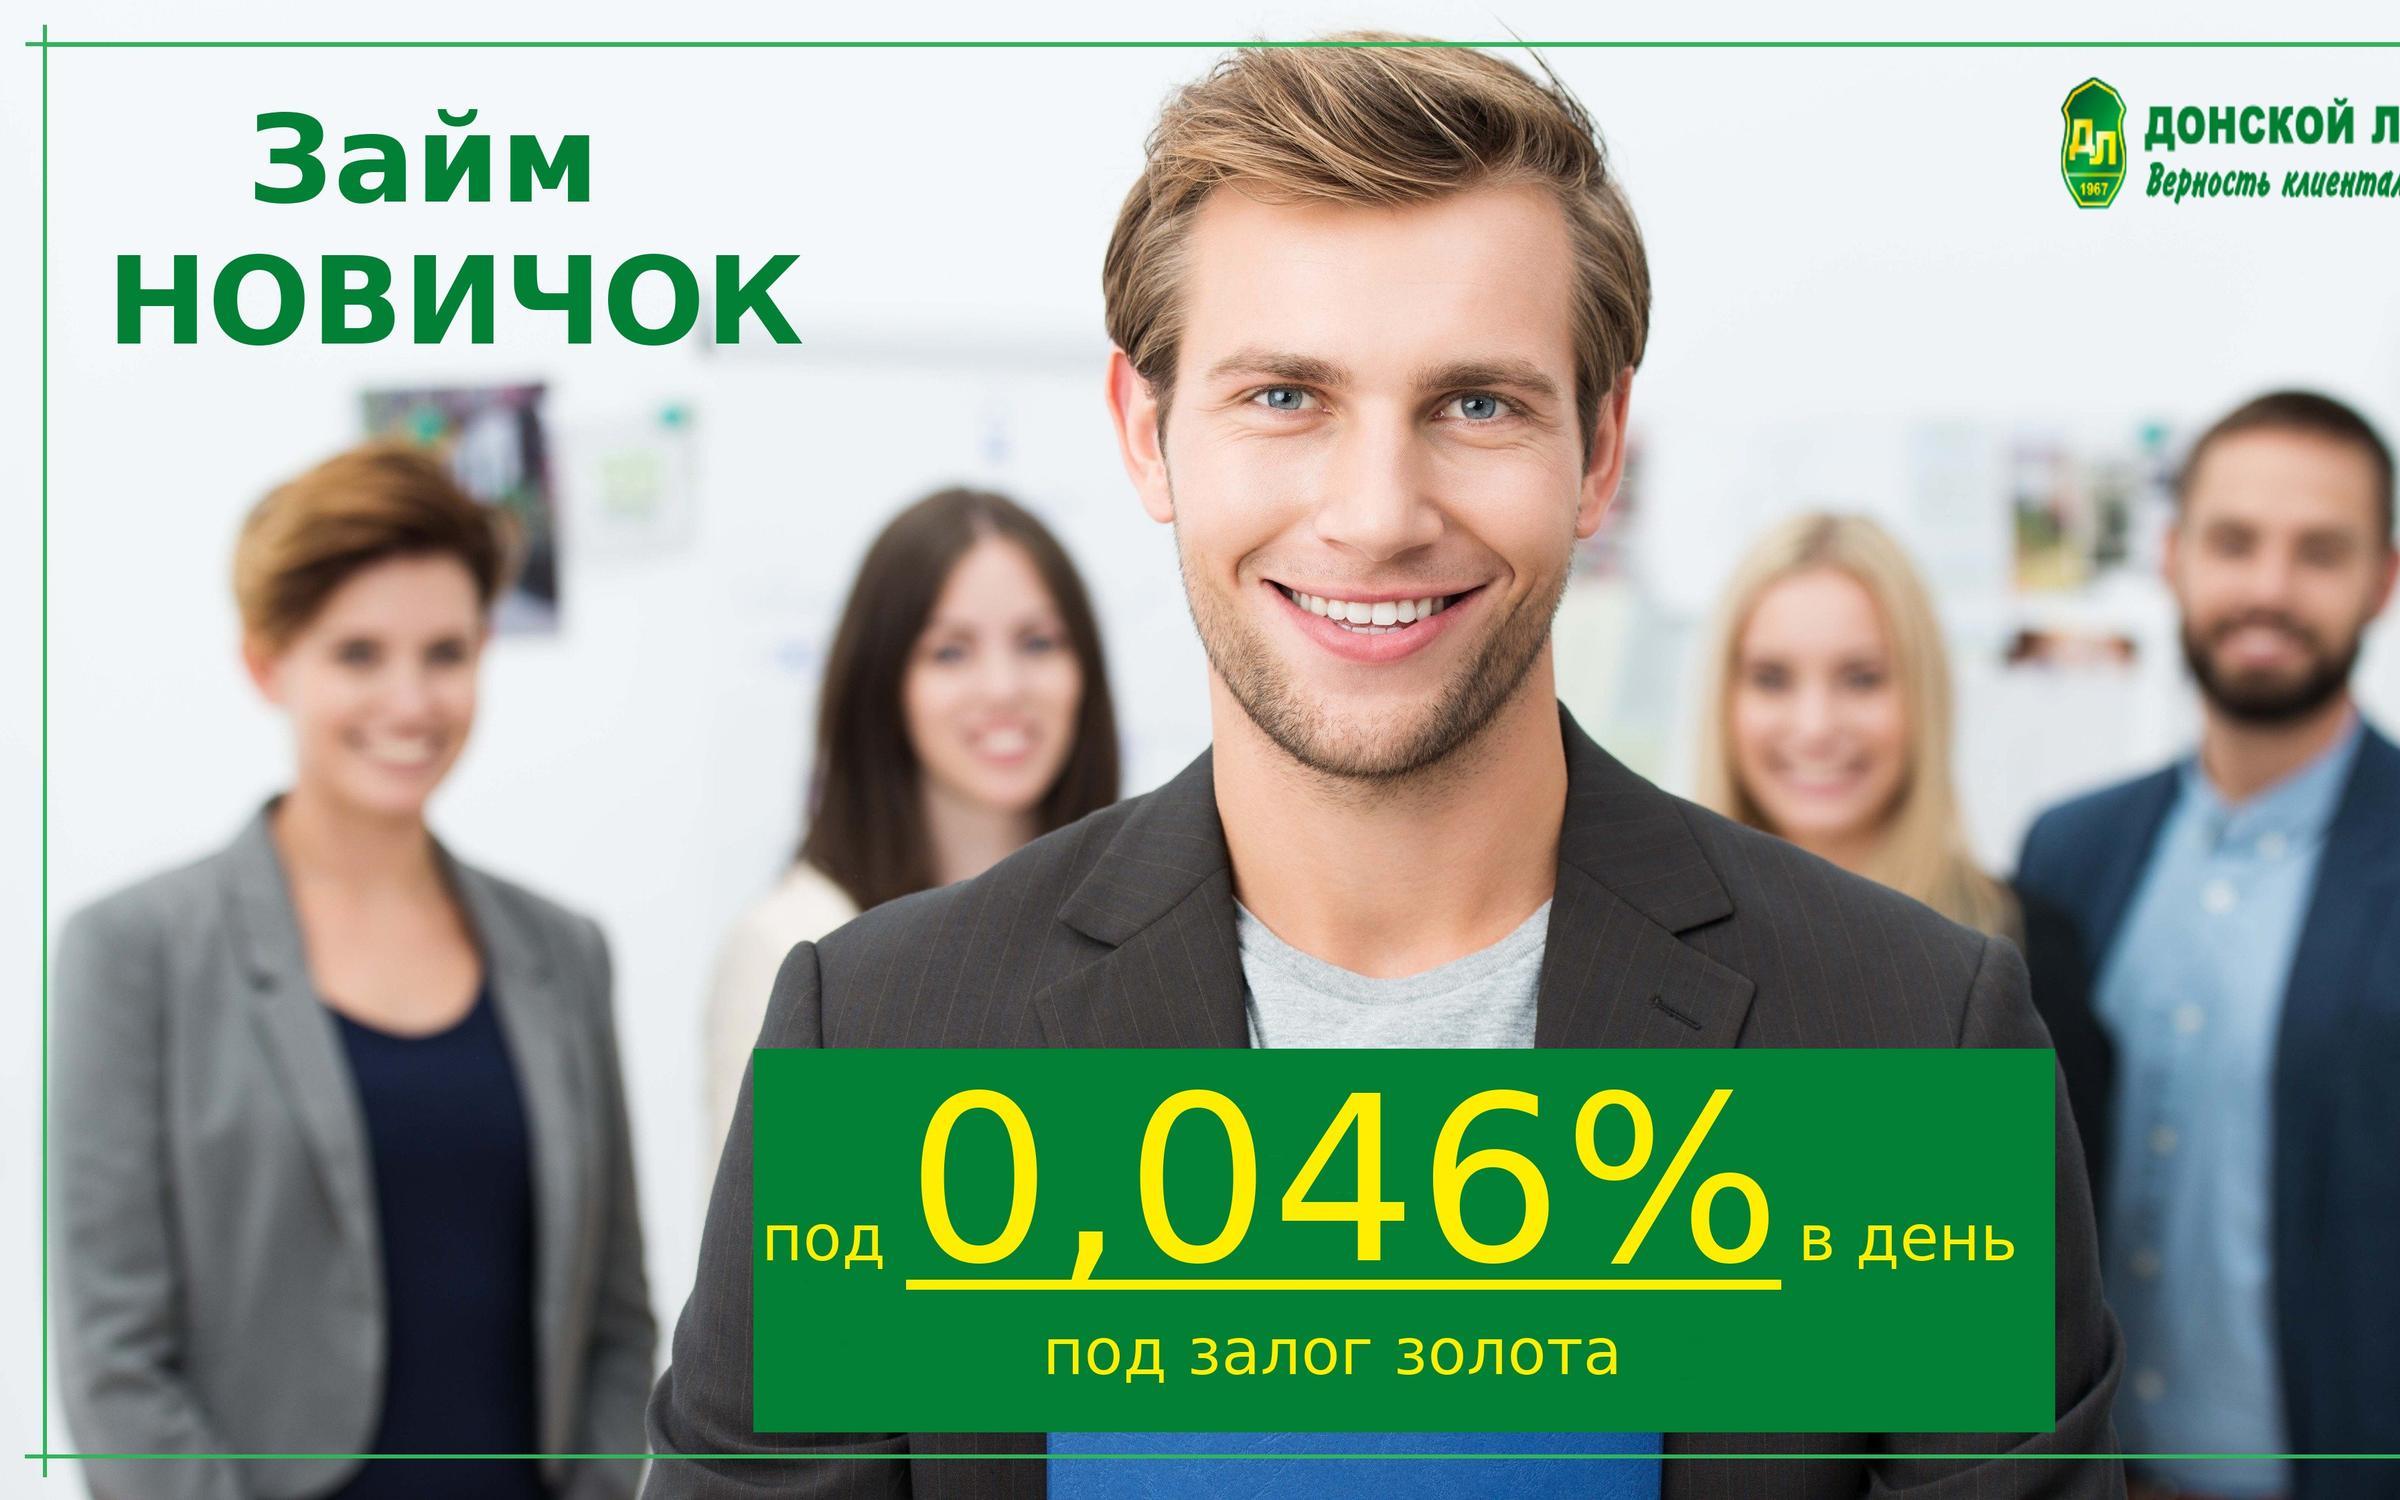 Взять займ в Ростове-на-Дону